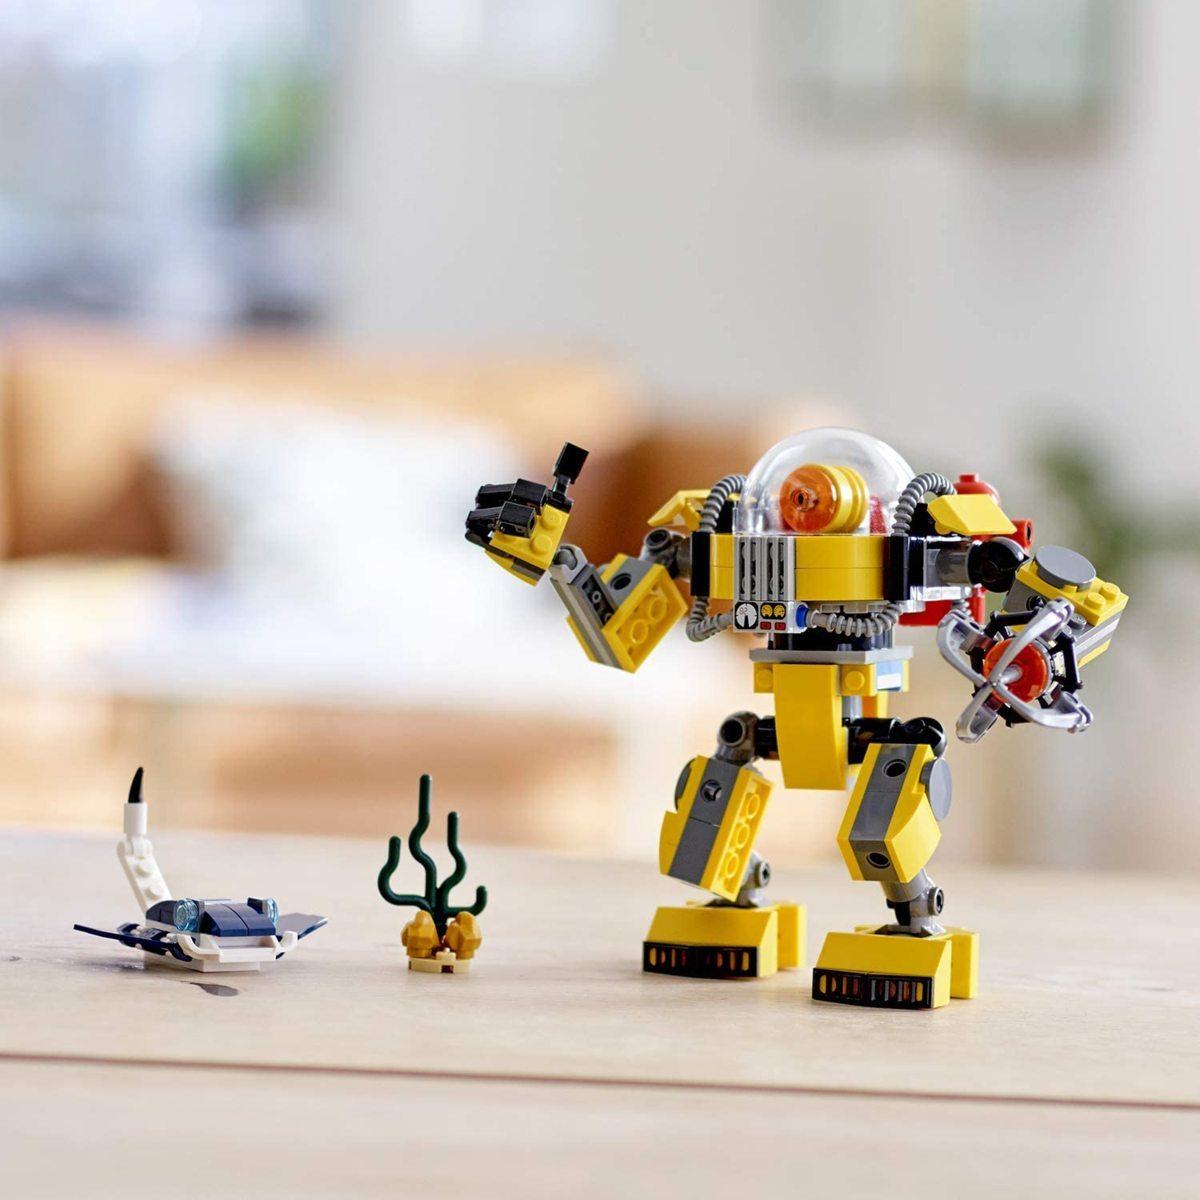 レゴ(LEGO) クリエイター 海底調査ロボット 31090 知育玩具 ブロック おもちゃ 女の子 男の子_画像5